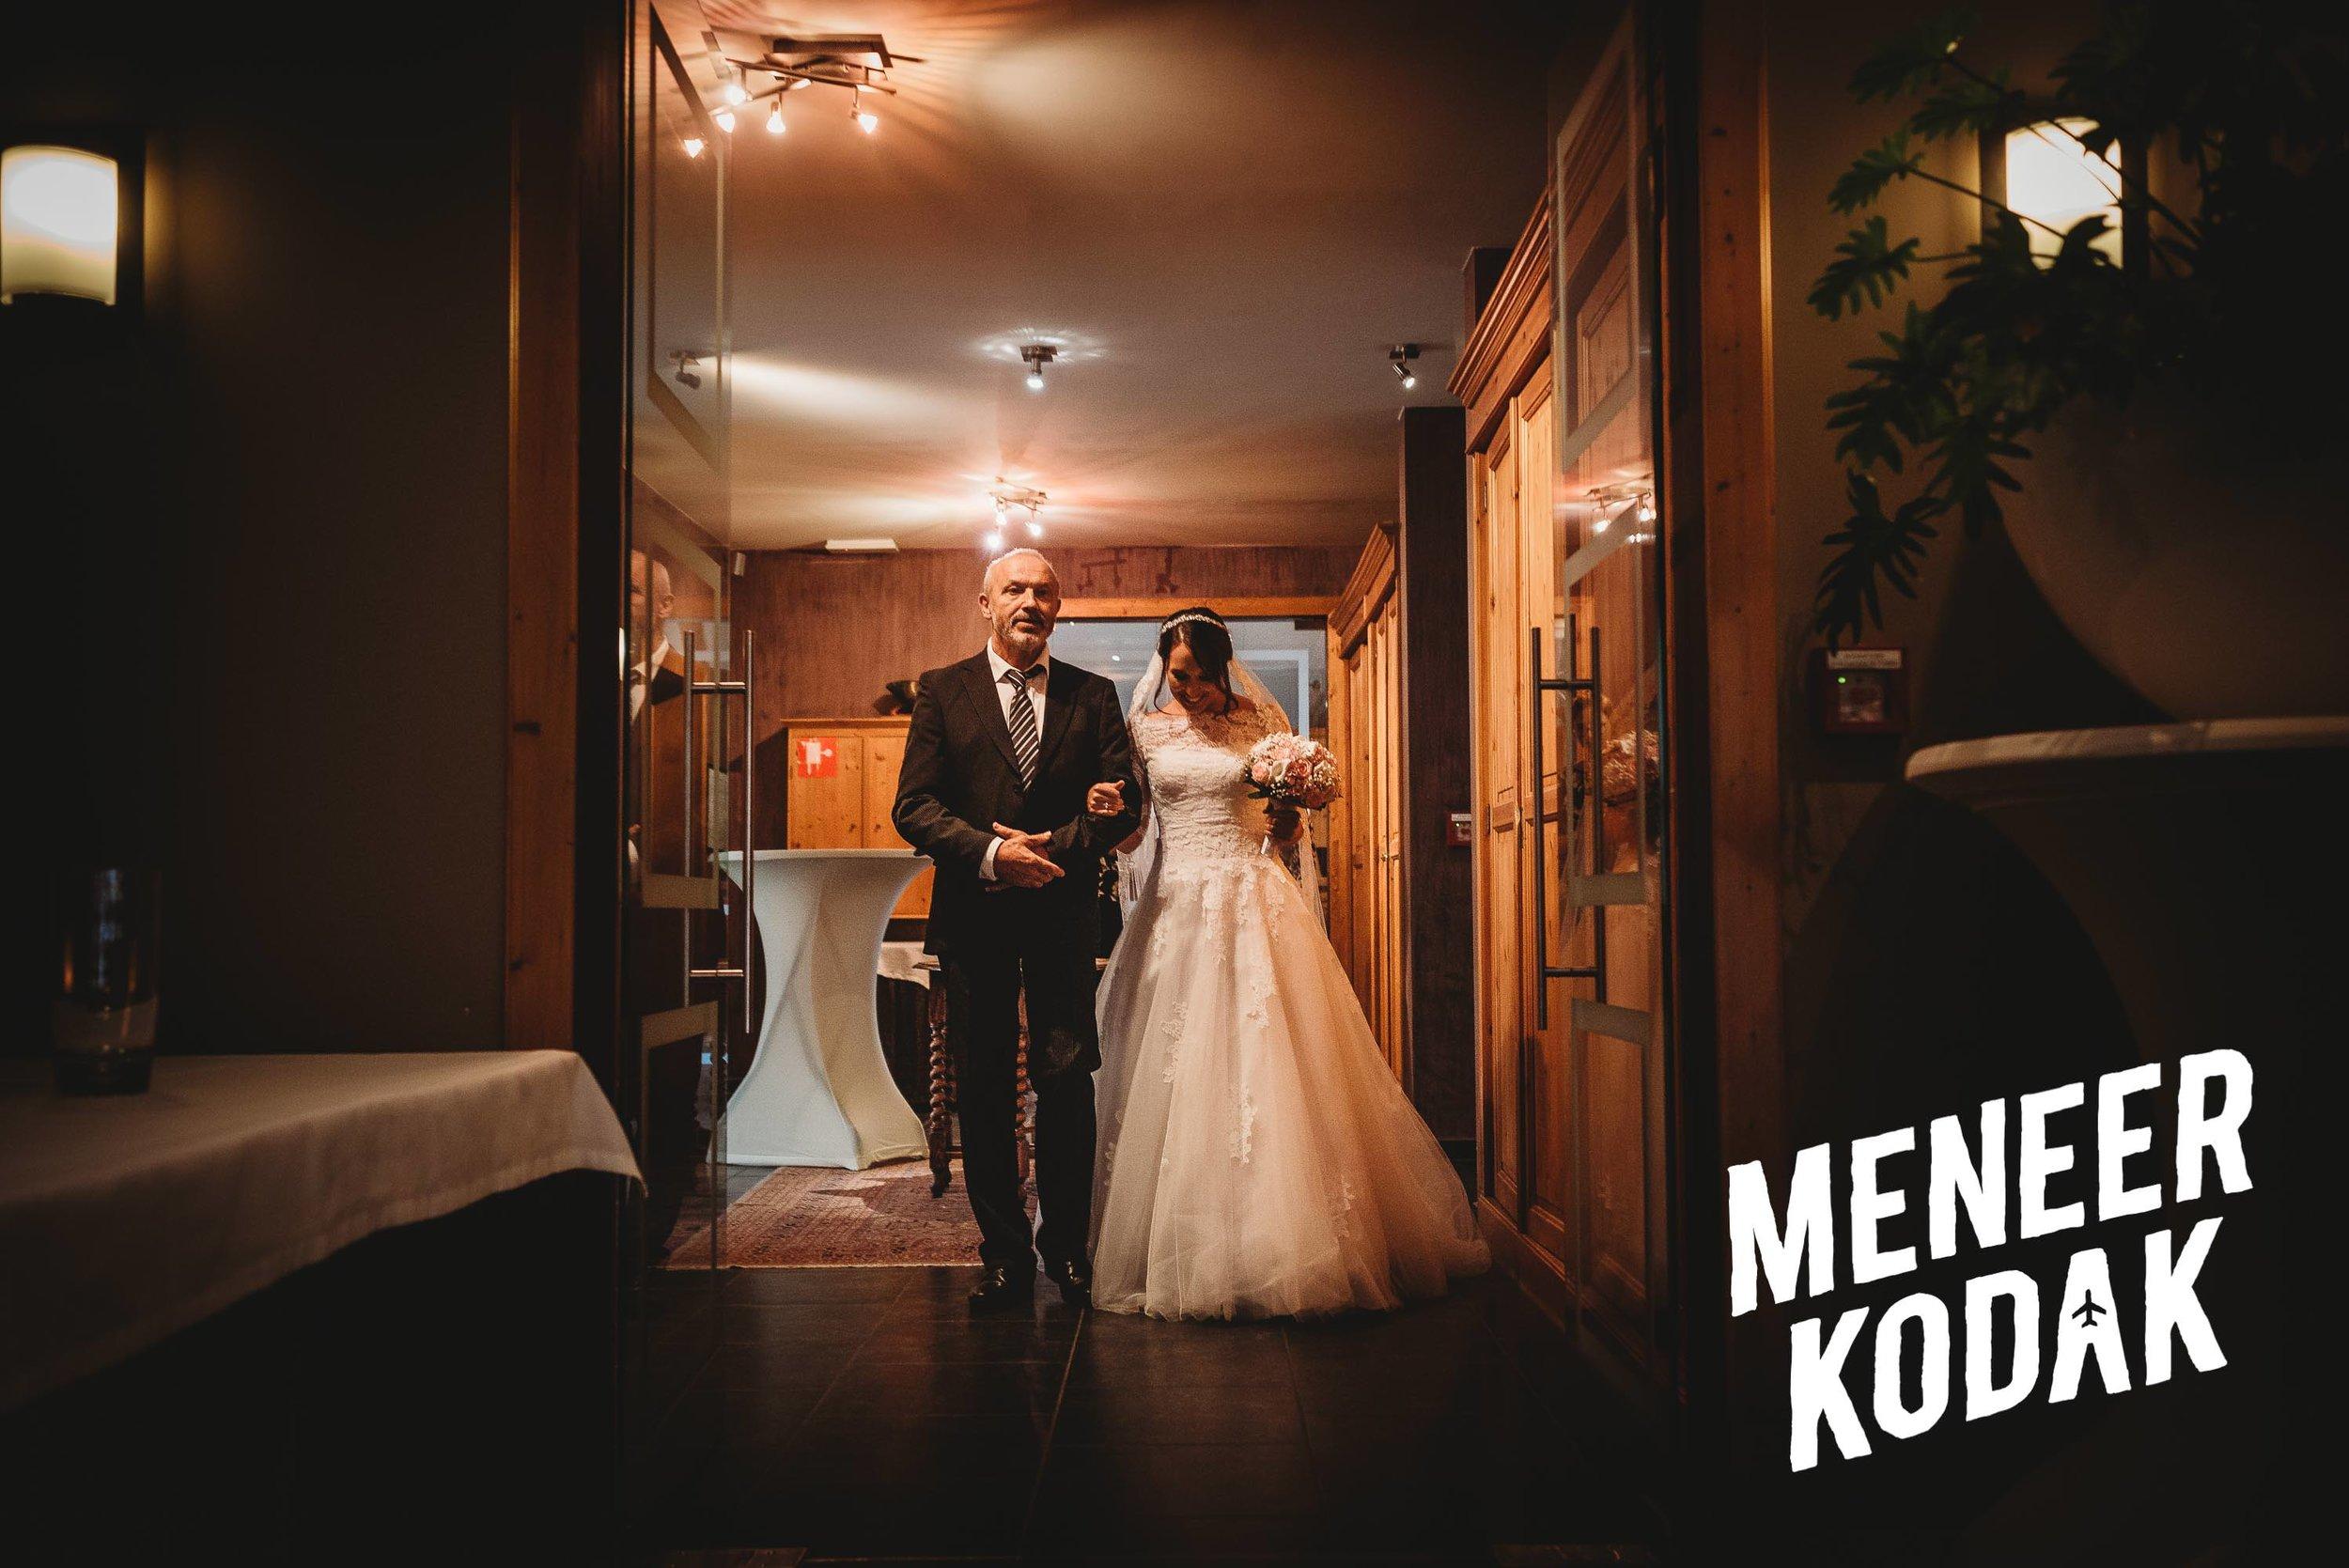 Meneer Kodak - Trouwfotograaf - Gent - D&T-058.jpg